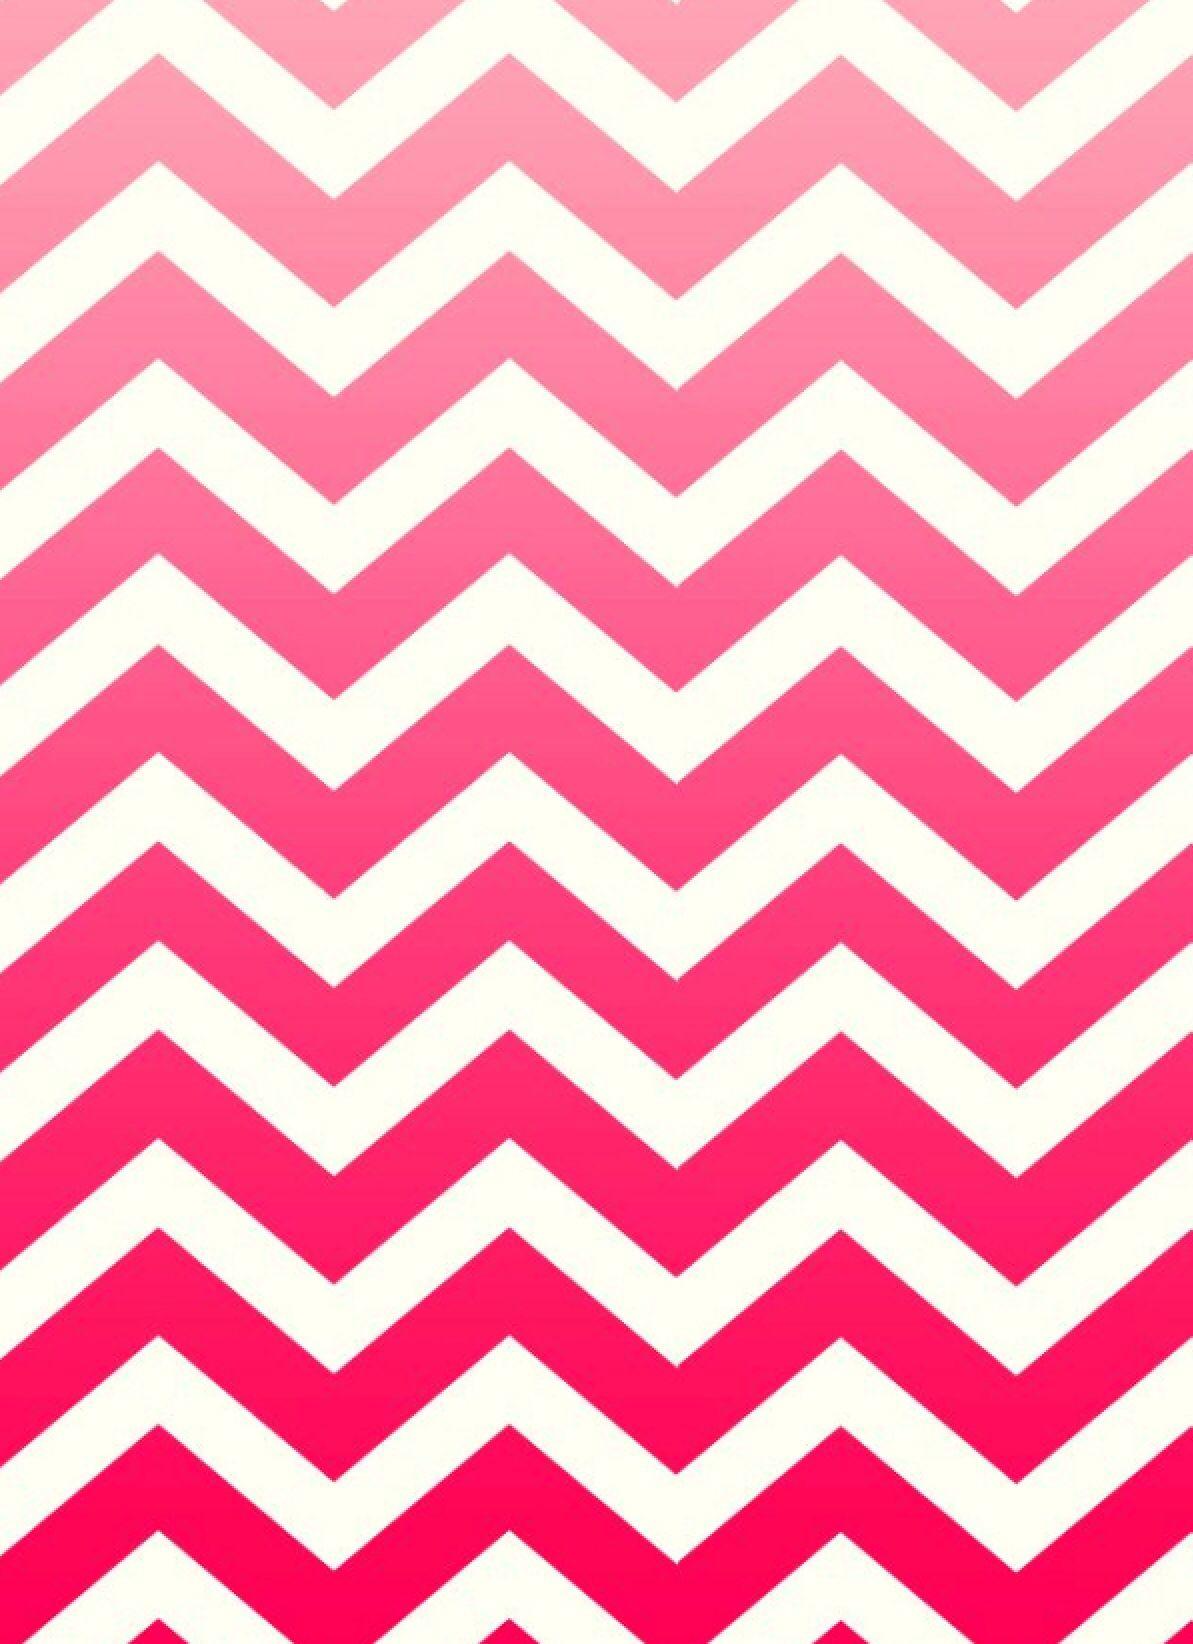 Pin von Mariana P. auf iPHONE| backgrounds | Pinterest